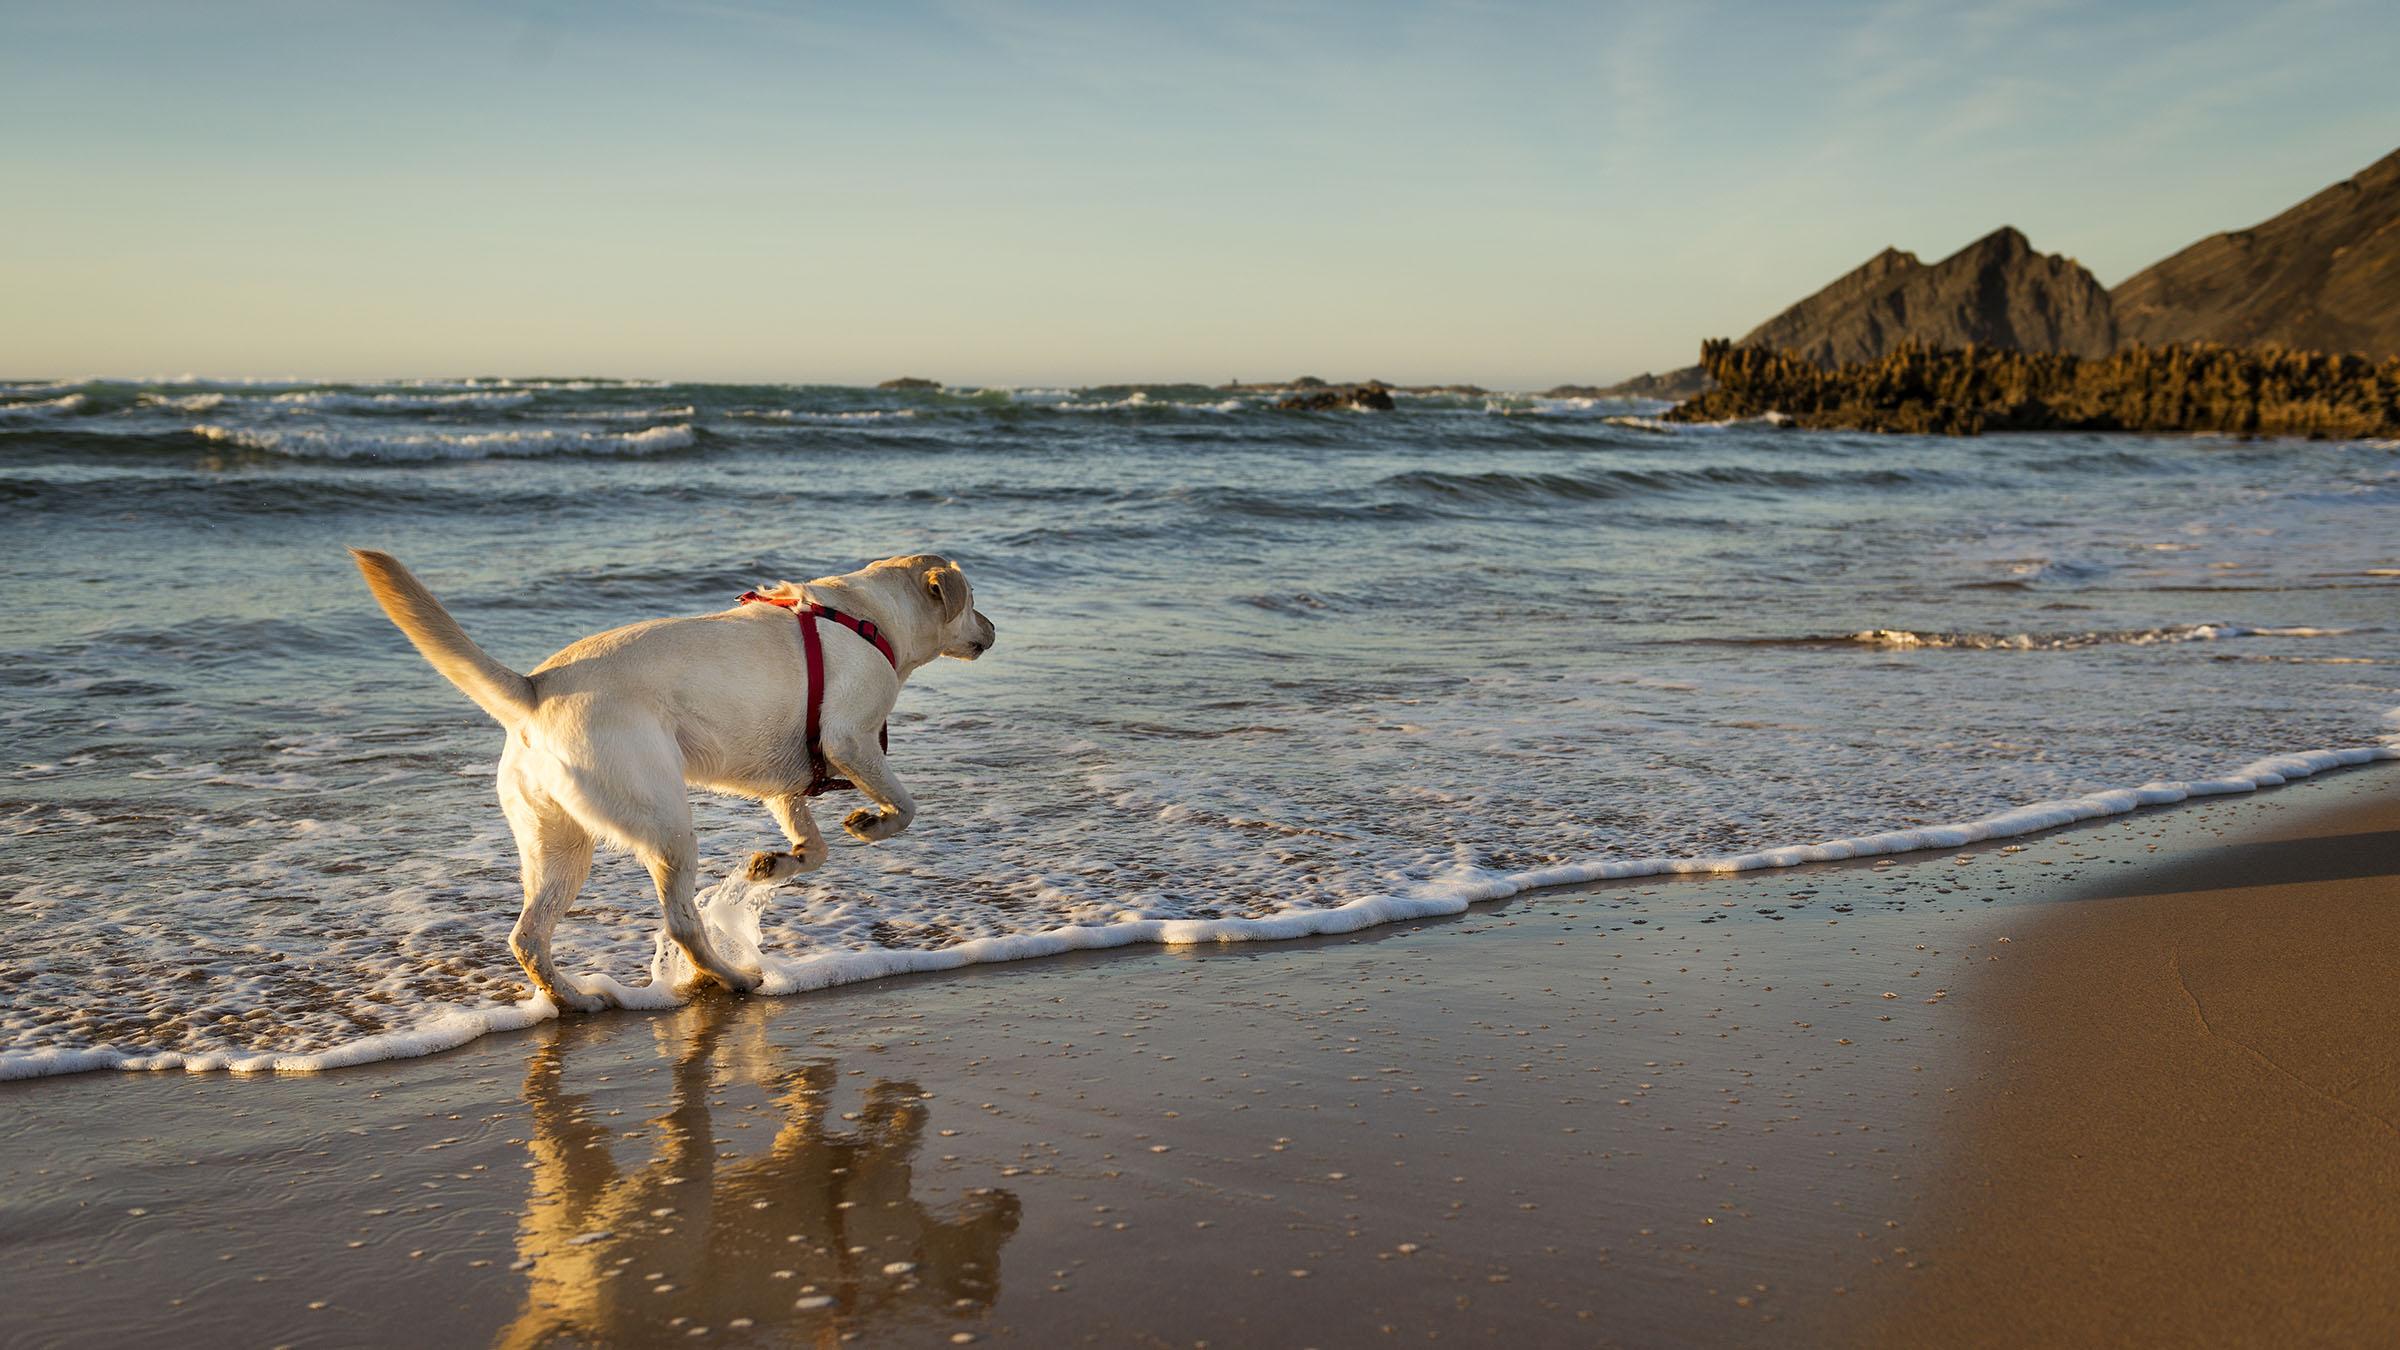 Playas de portugal que admiten perros - Banarse con delfines portugal ...